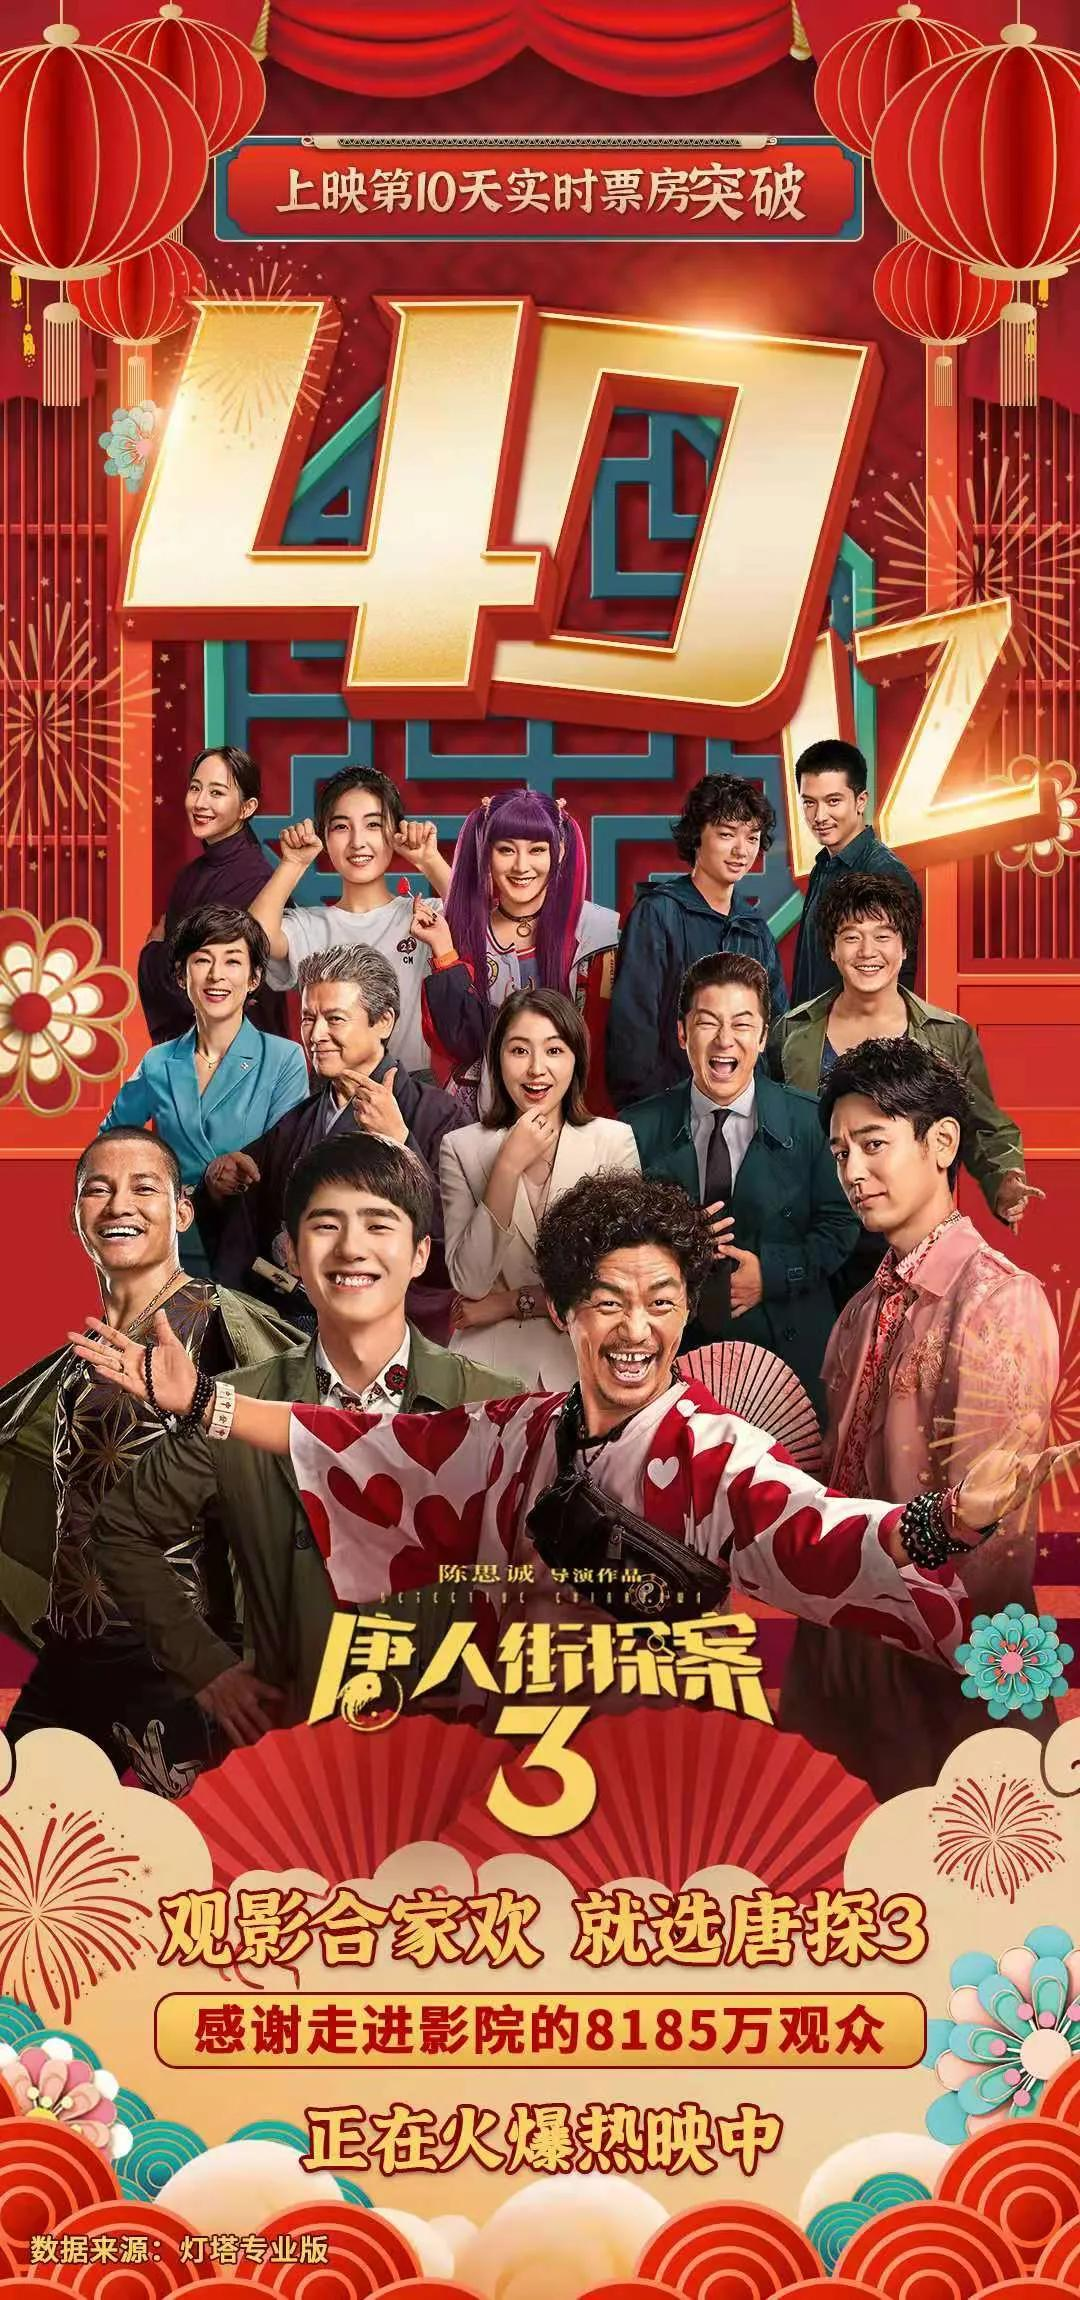 院线电影《唐人街探案3》《你好,李焕英》双双突破40亿票房